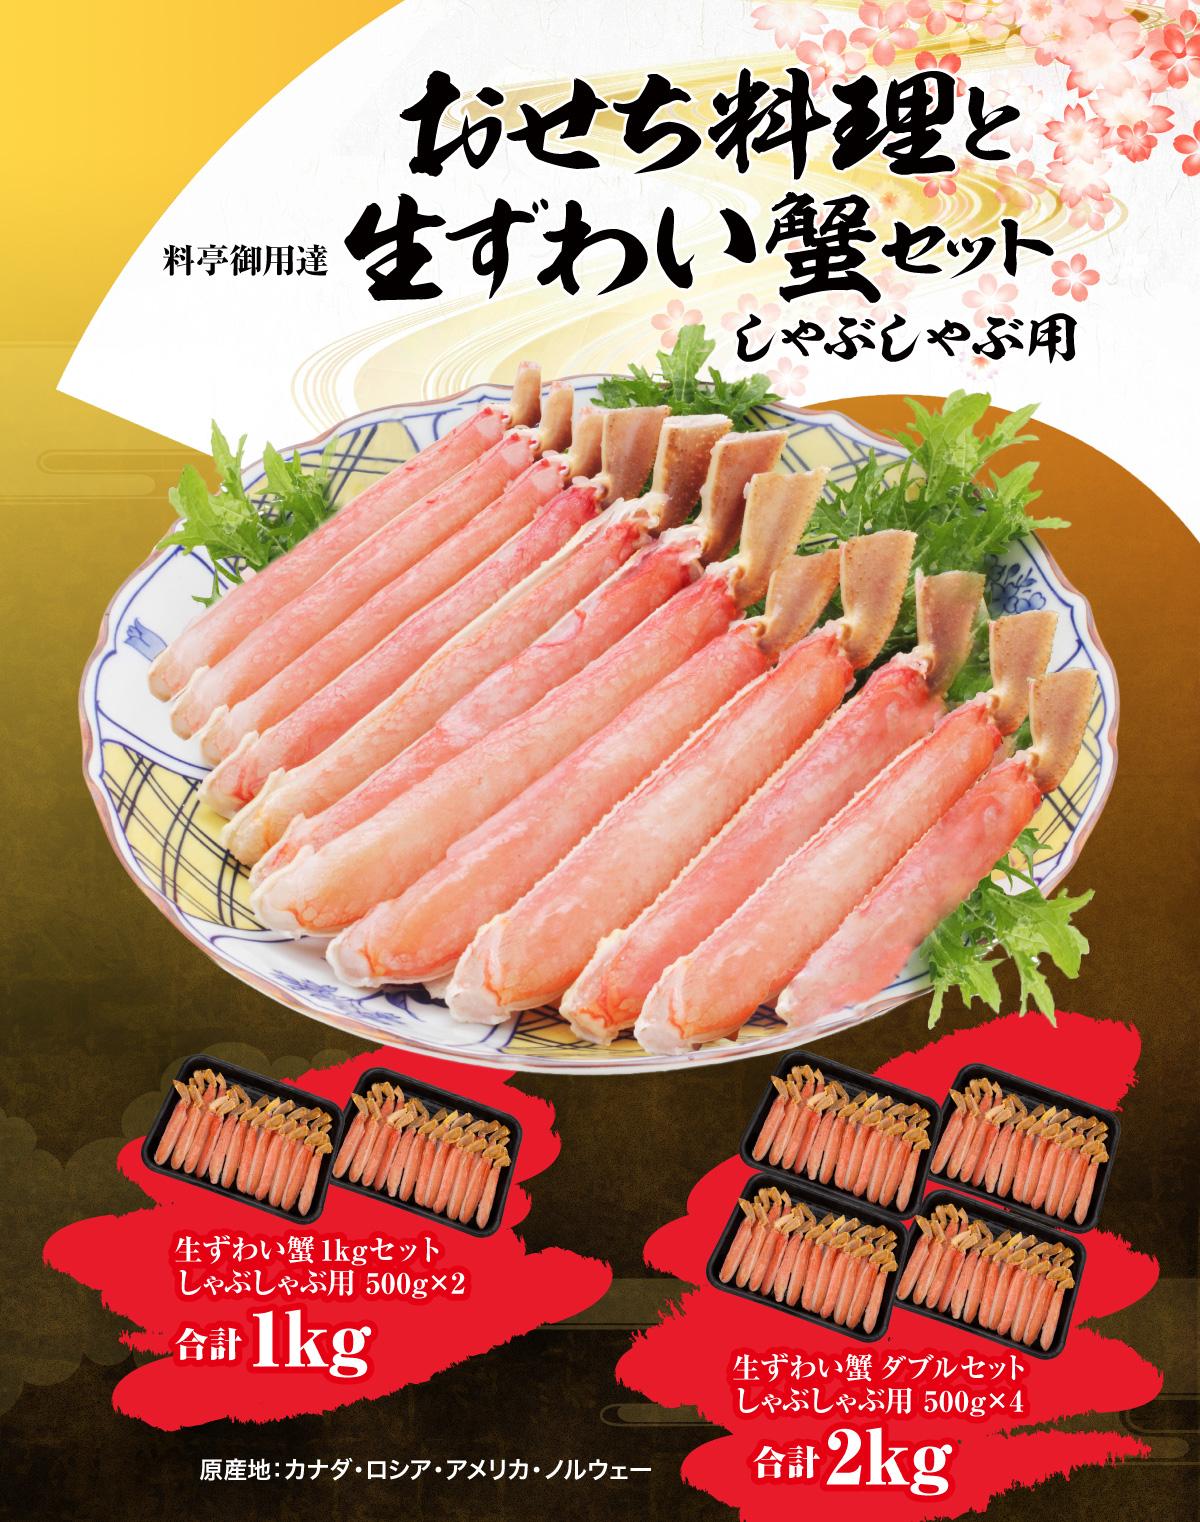 おせち料理と料亭御用達生ずわい蟹しゃぶしゃぶ用セット